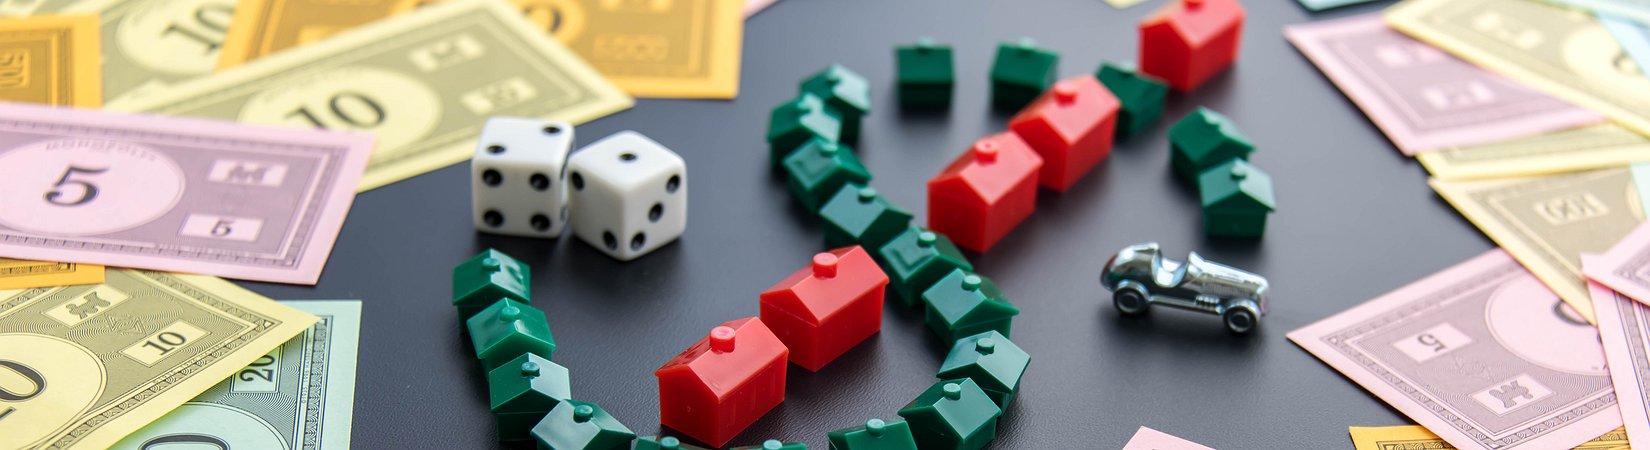 Il Monopoli doveva mettere in discussione il capitalismo, non celebrarlo